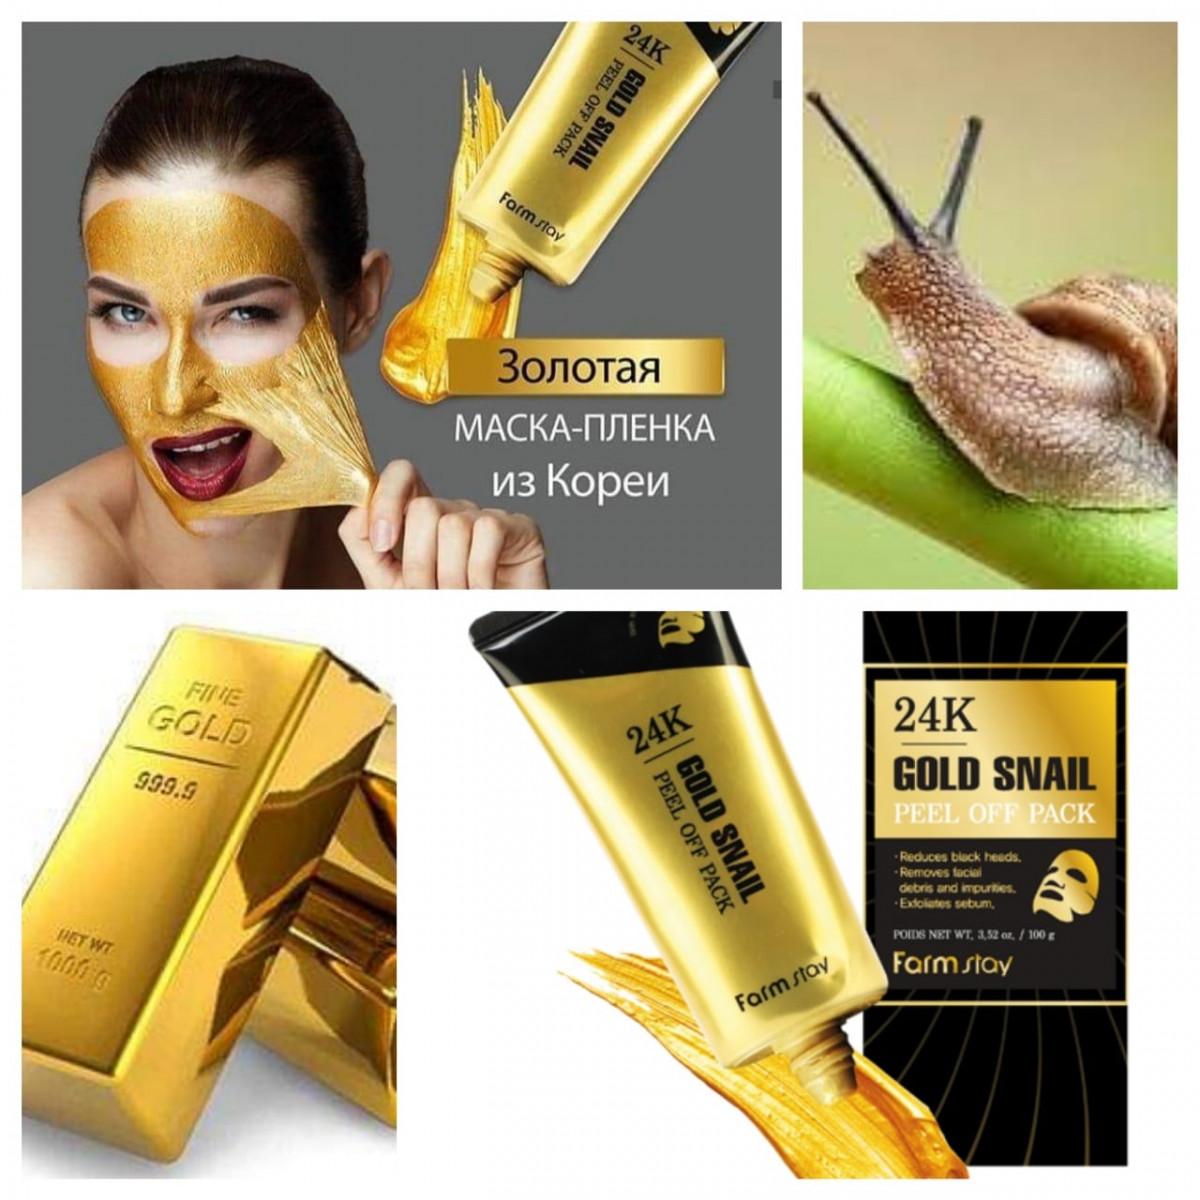 24K Gold Snail Peel Off Pack [FarmStay]